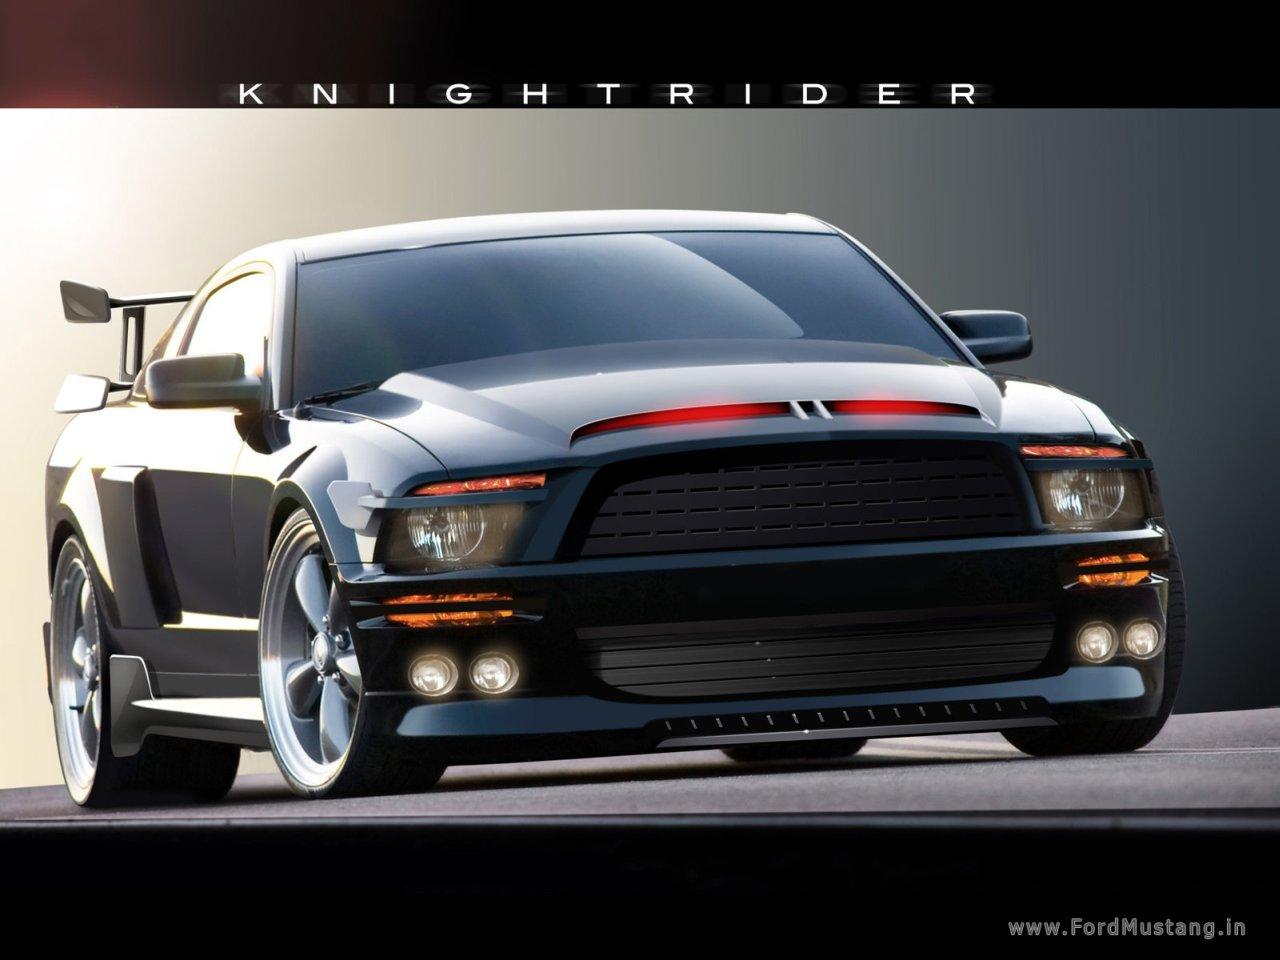 Ford Mustang Shelby Gt500kr Kitt 2008 Knight Rider